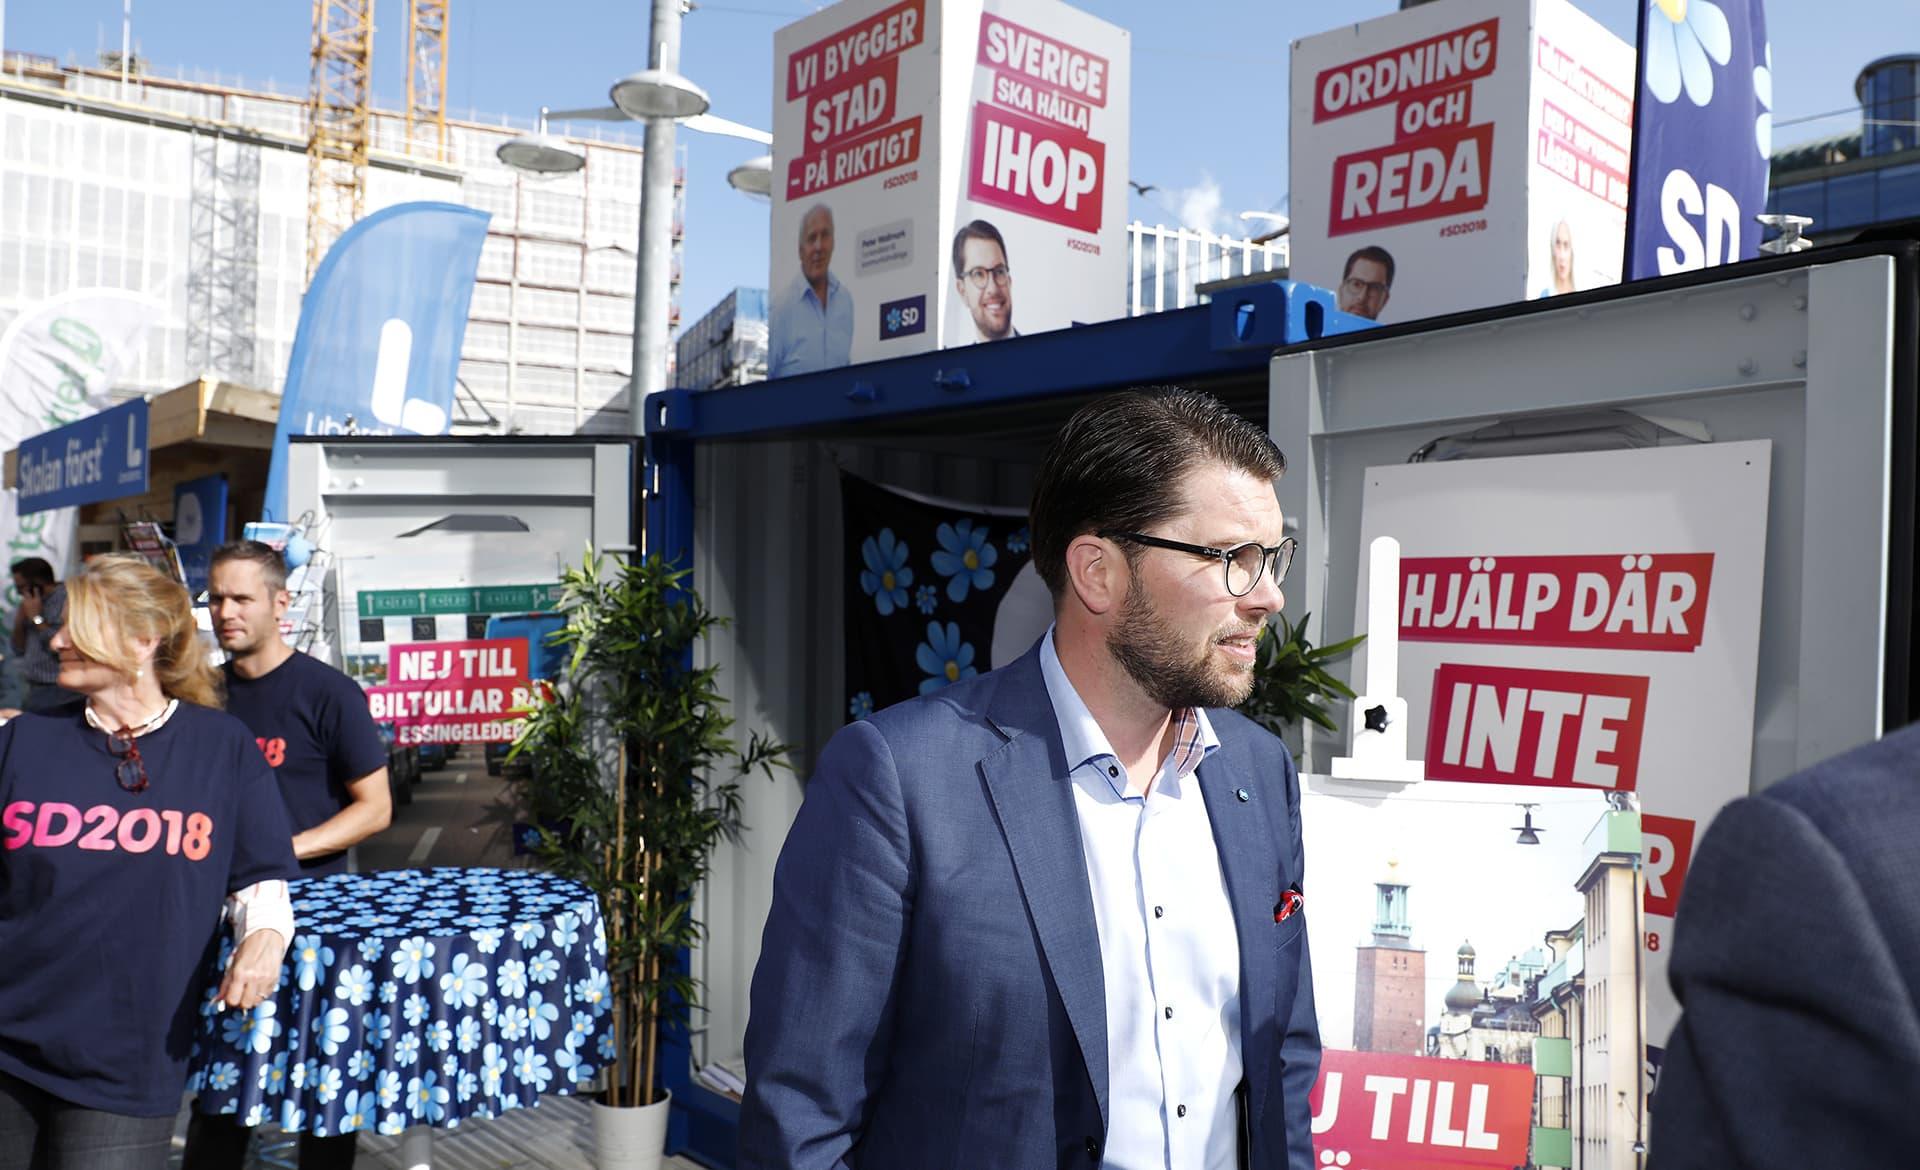 Jimmie Åkesson ruotsidemokraattien kojulla.